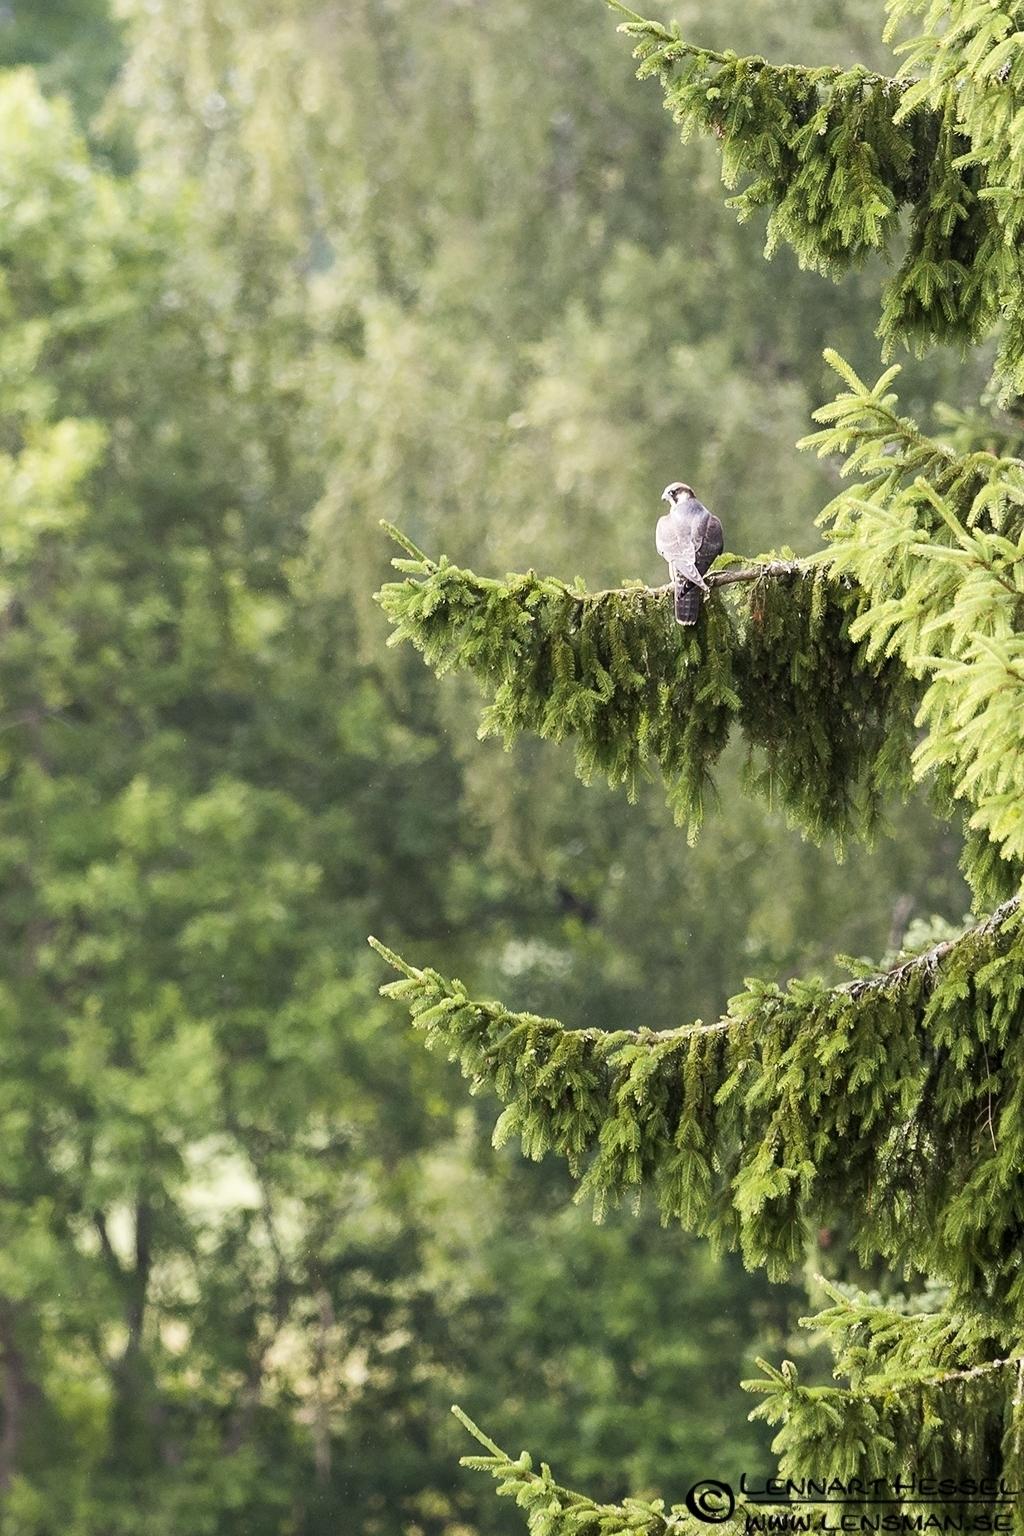 Peregrine Falcon, grasshopper